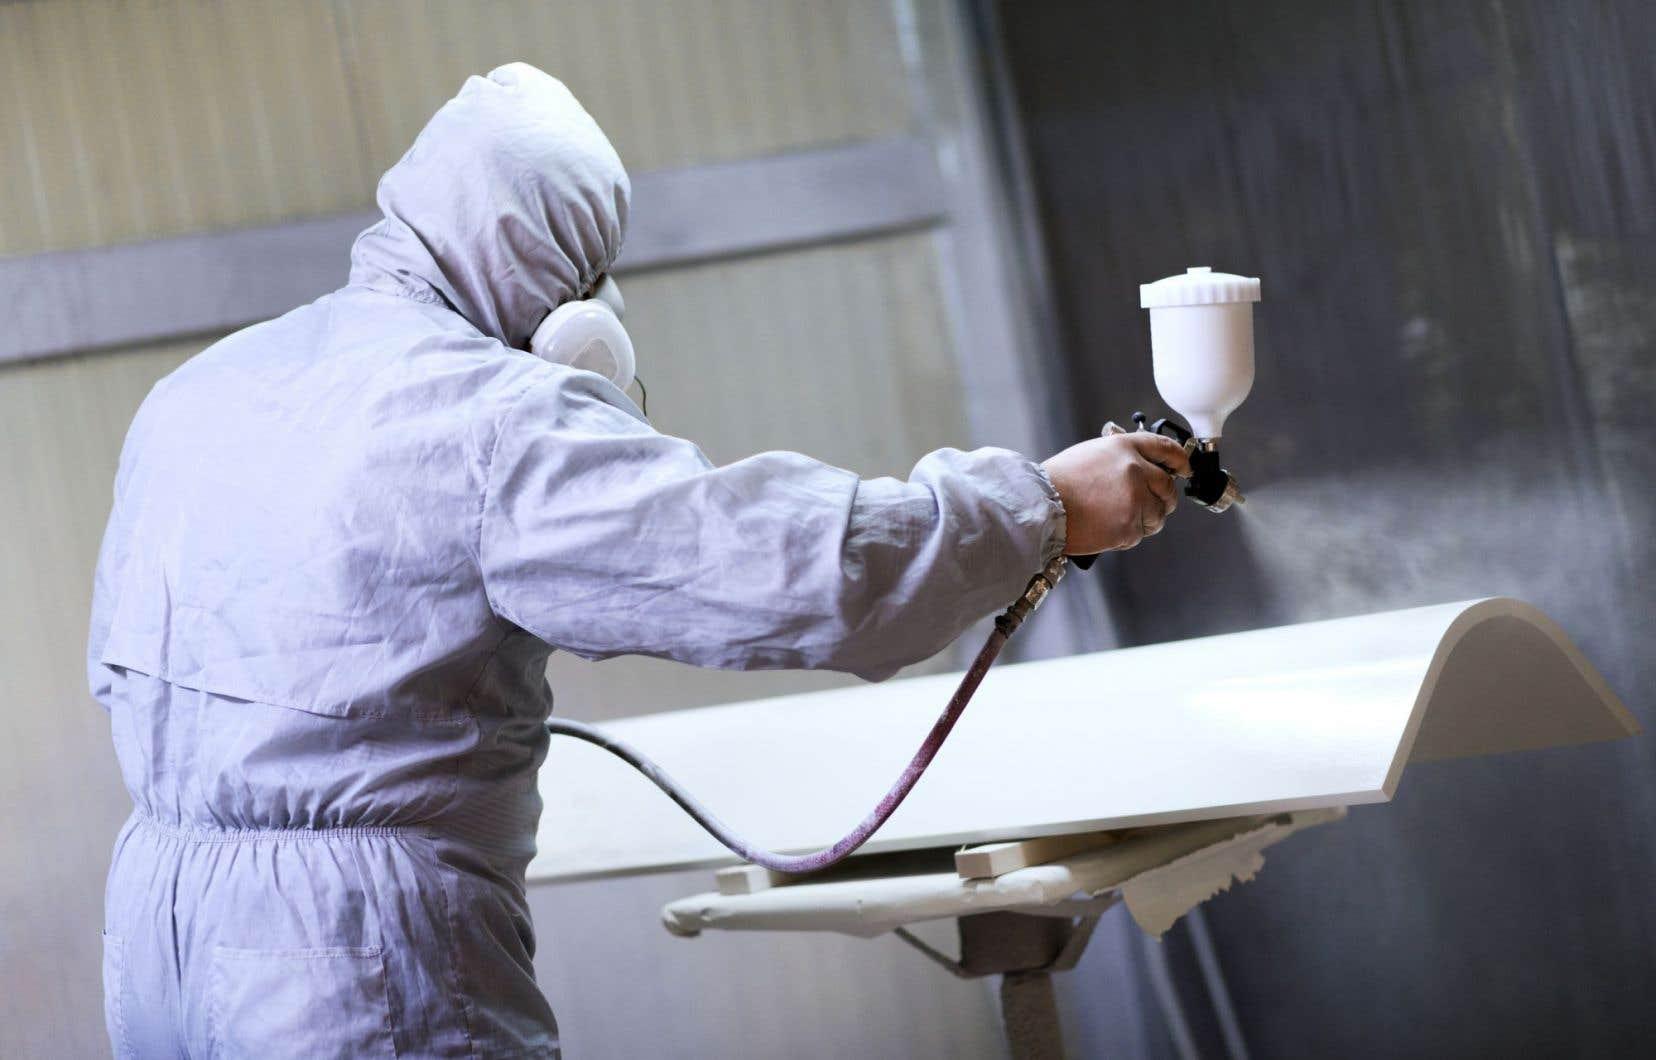 L'usine de coloration de pièces métalliques est située en plein coeur de leur quartier résidentiel.